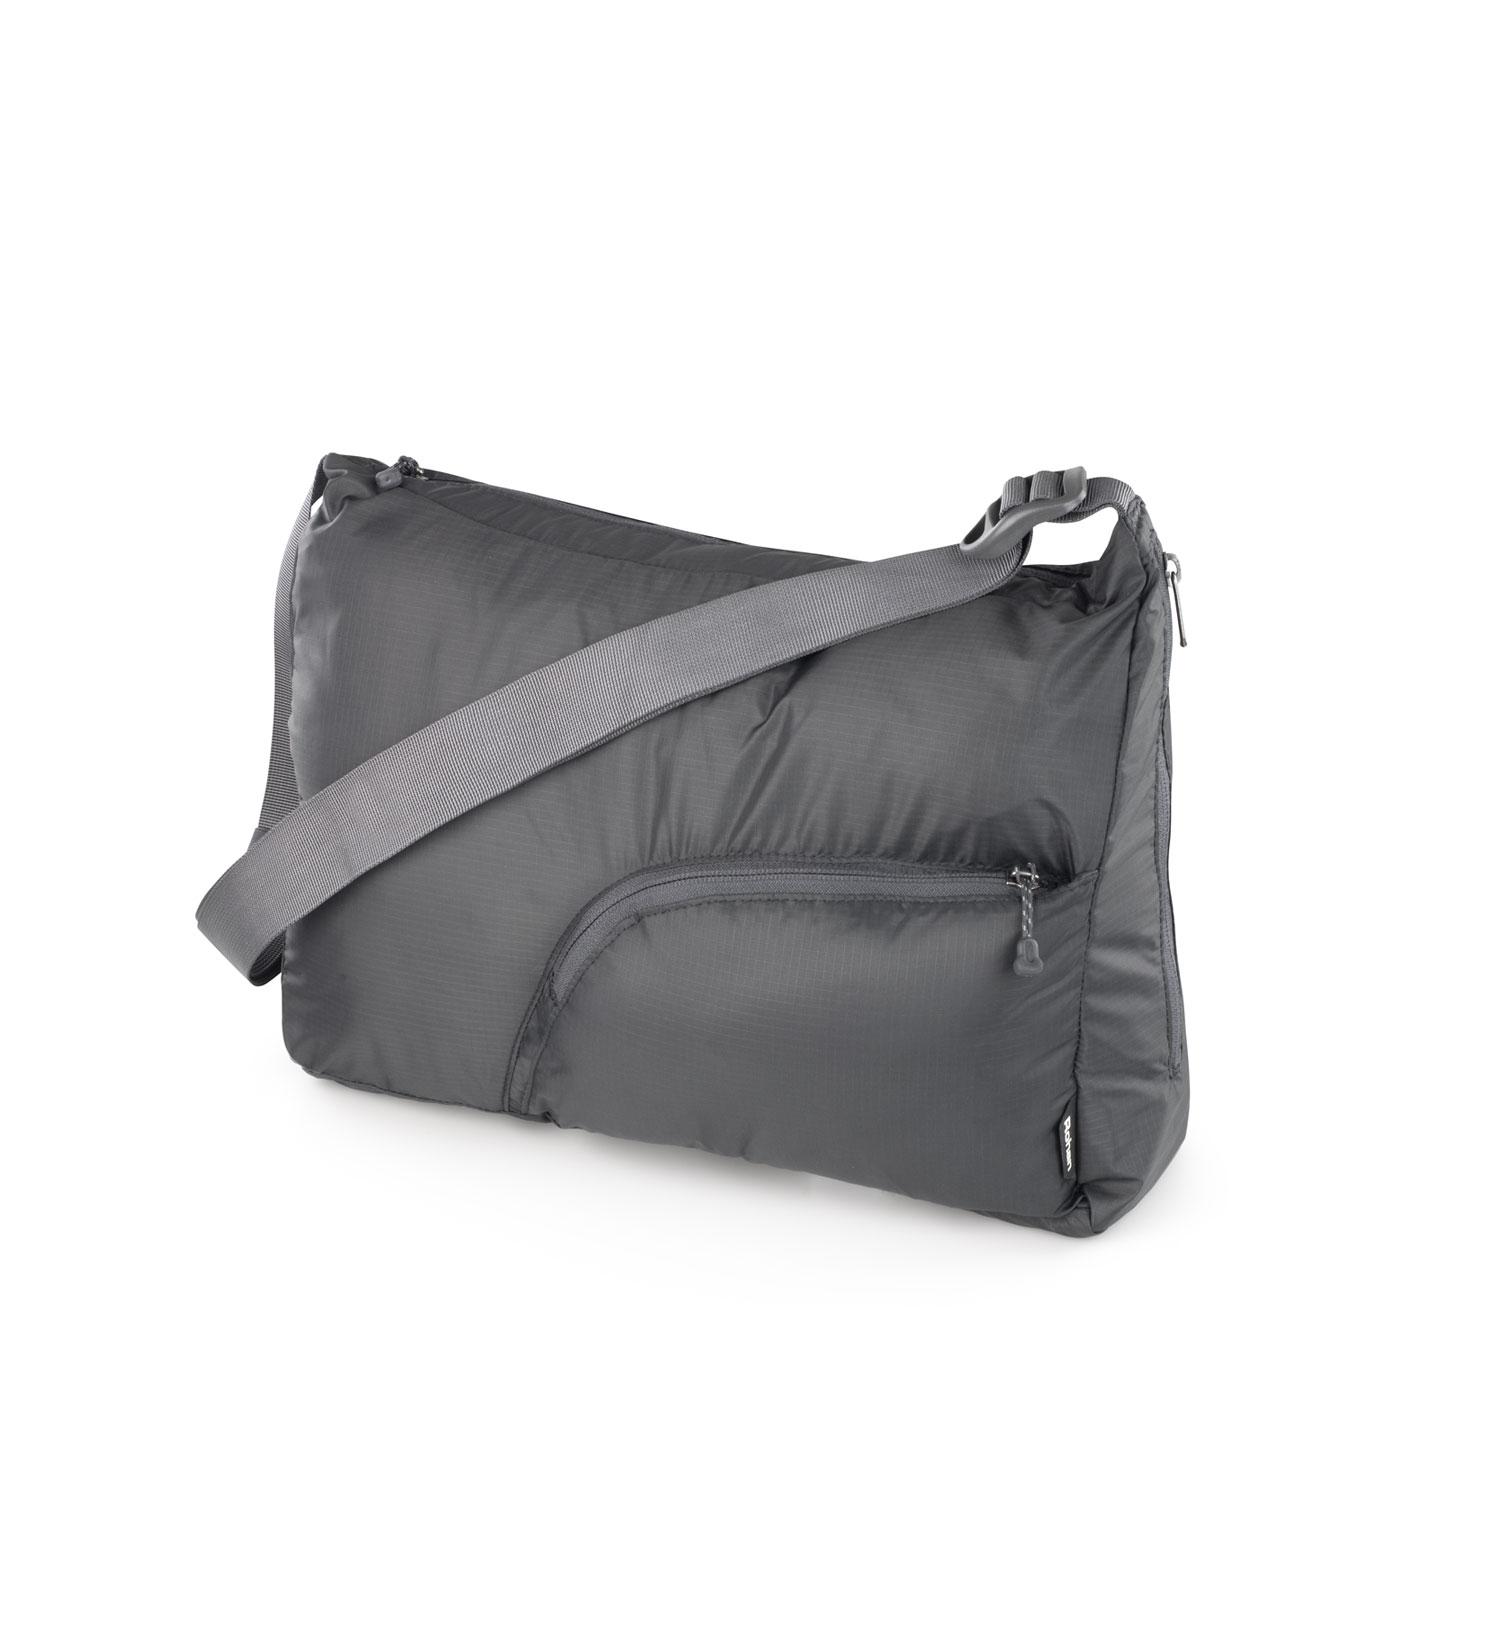 Lightweight Shoulder Bag Bags More